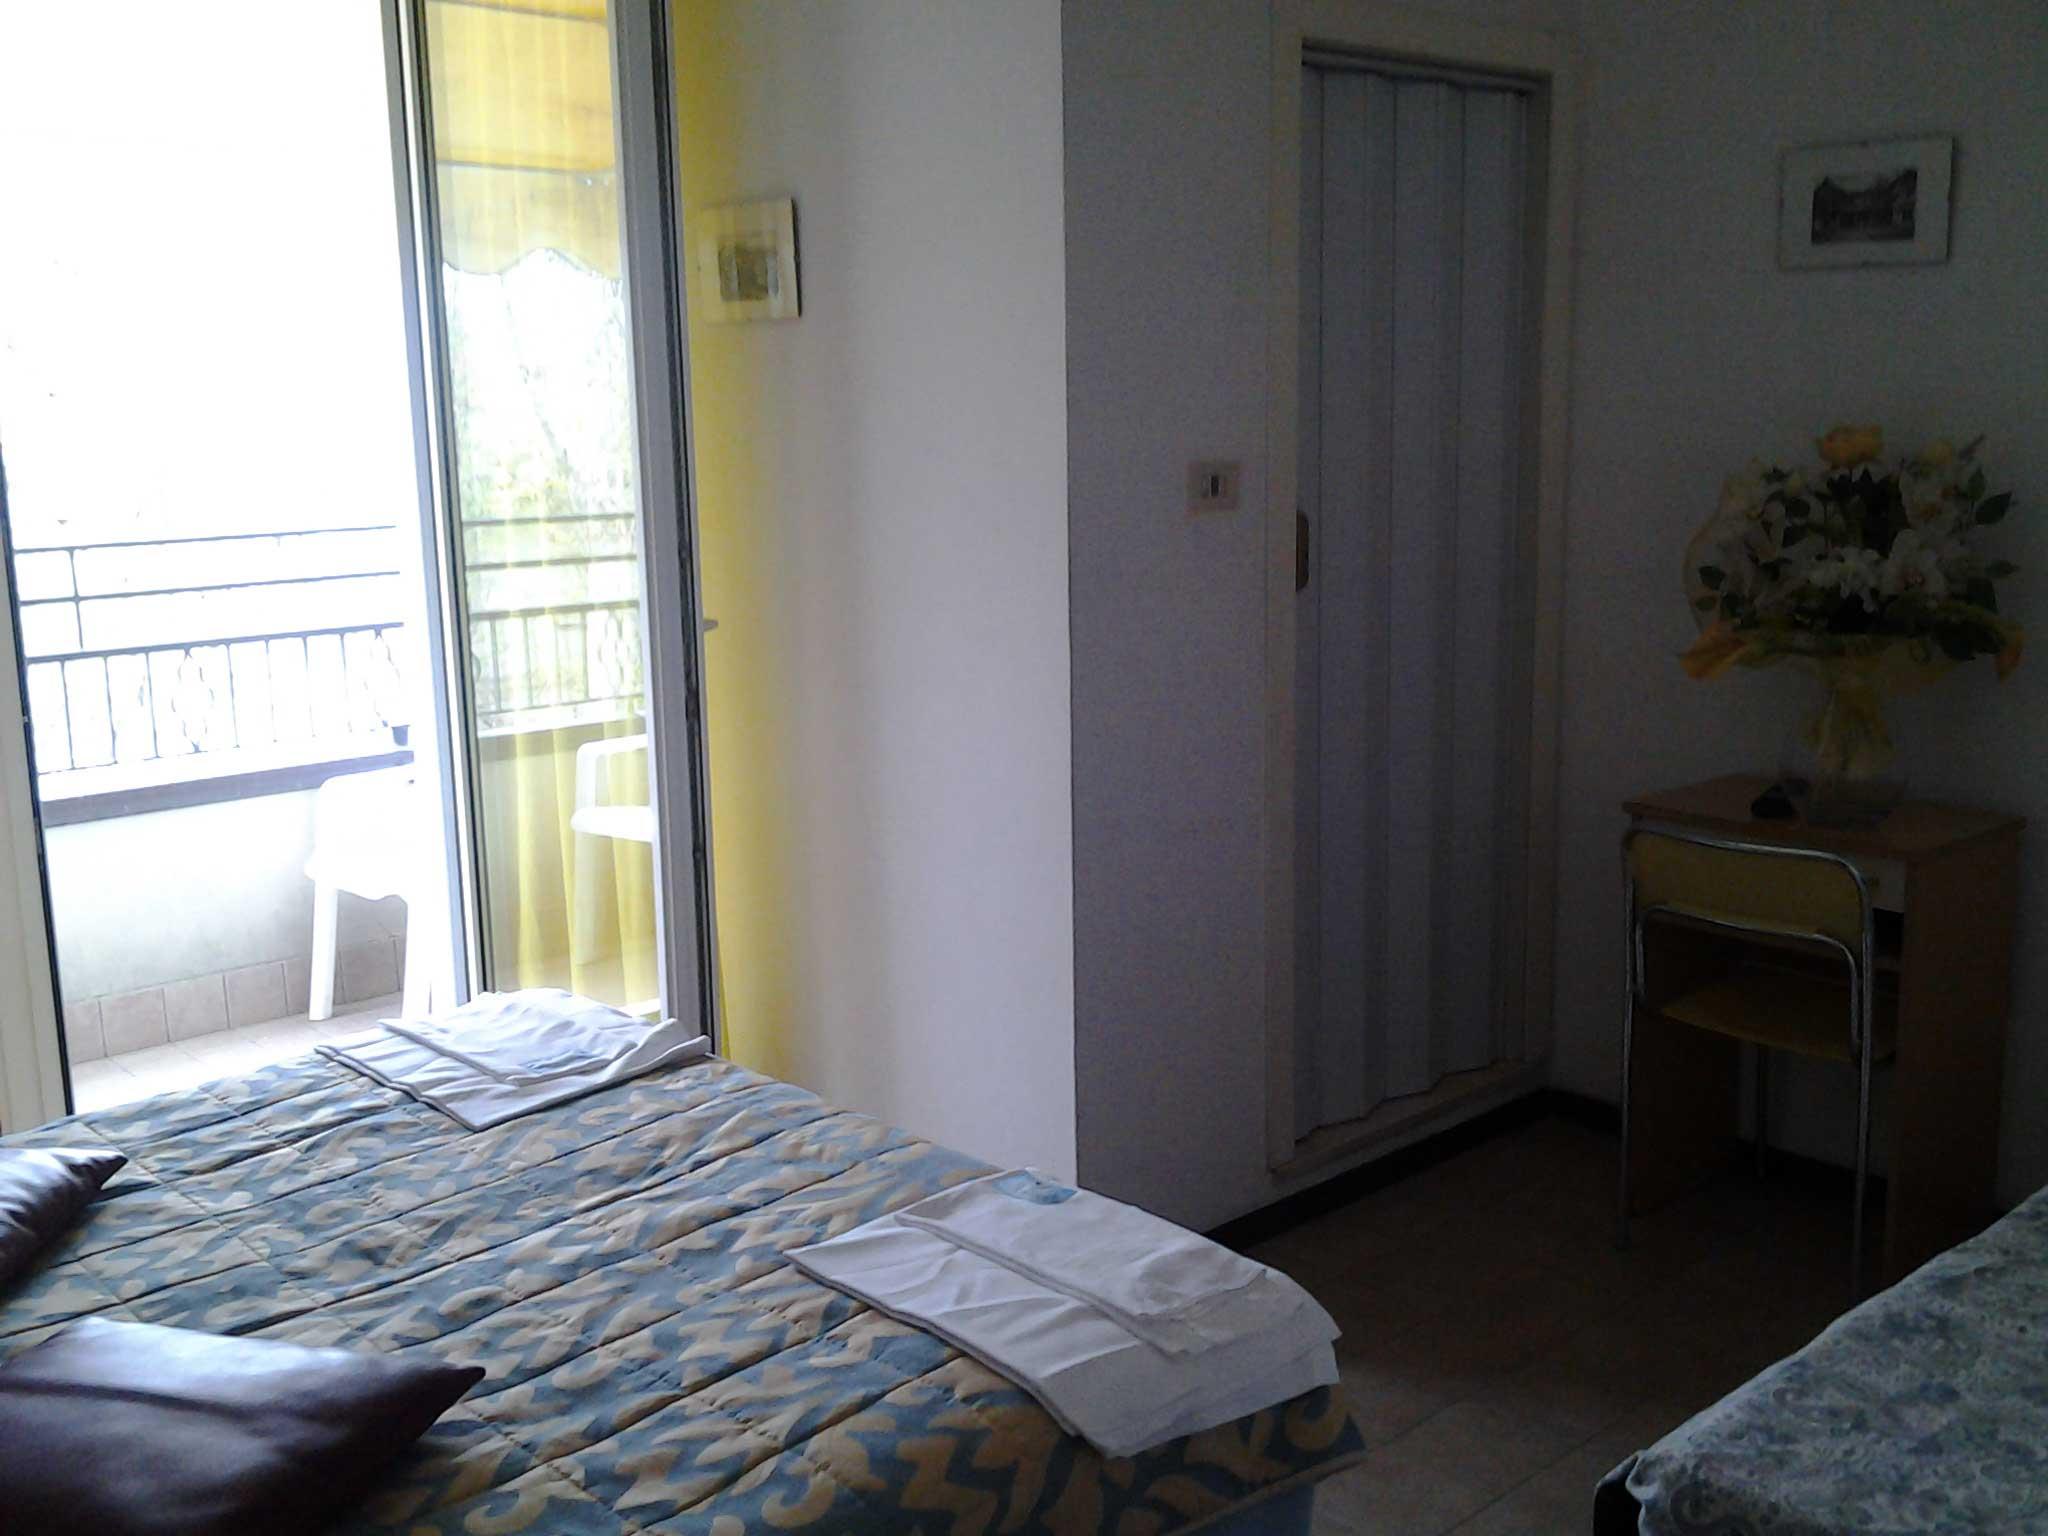 Hotel Ideale, Rimini